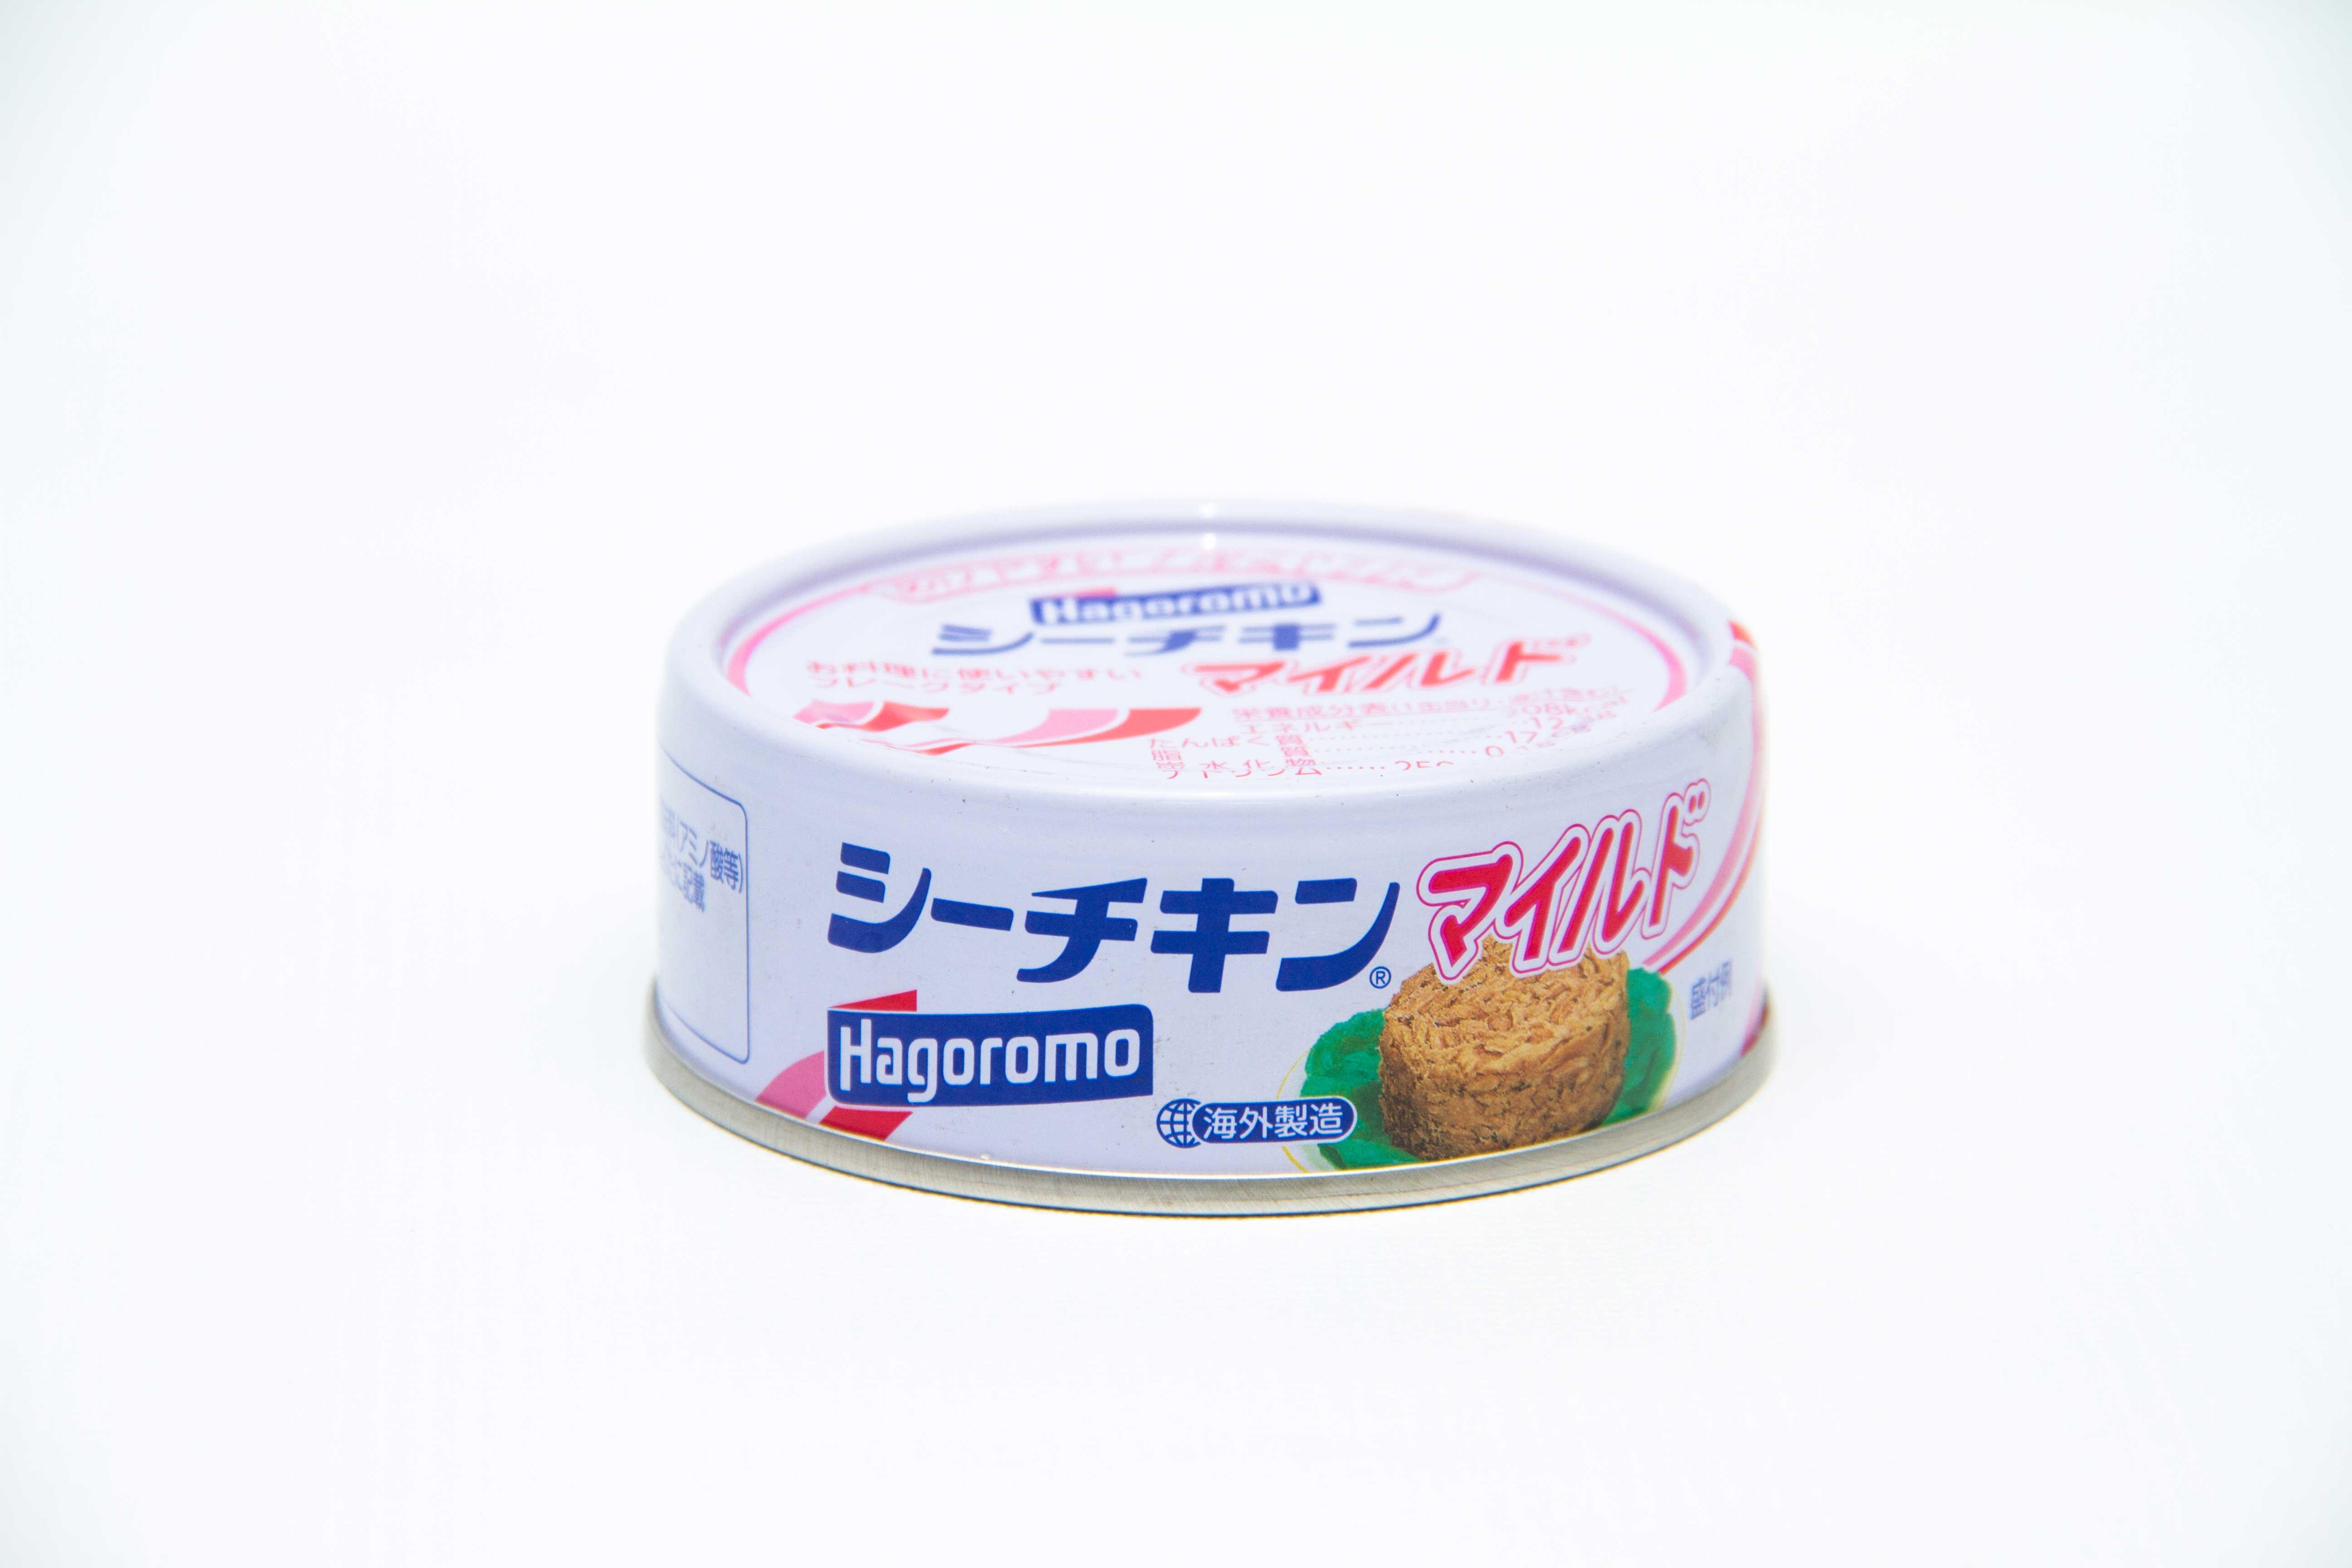 Hagoromo Seachicken Mild